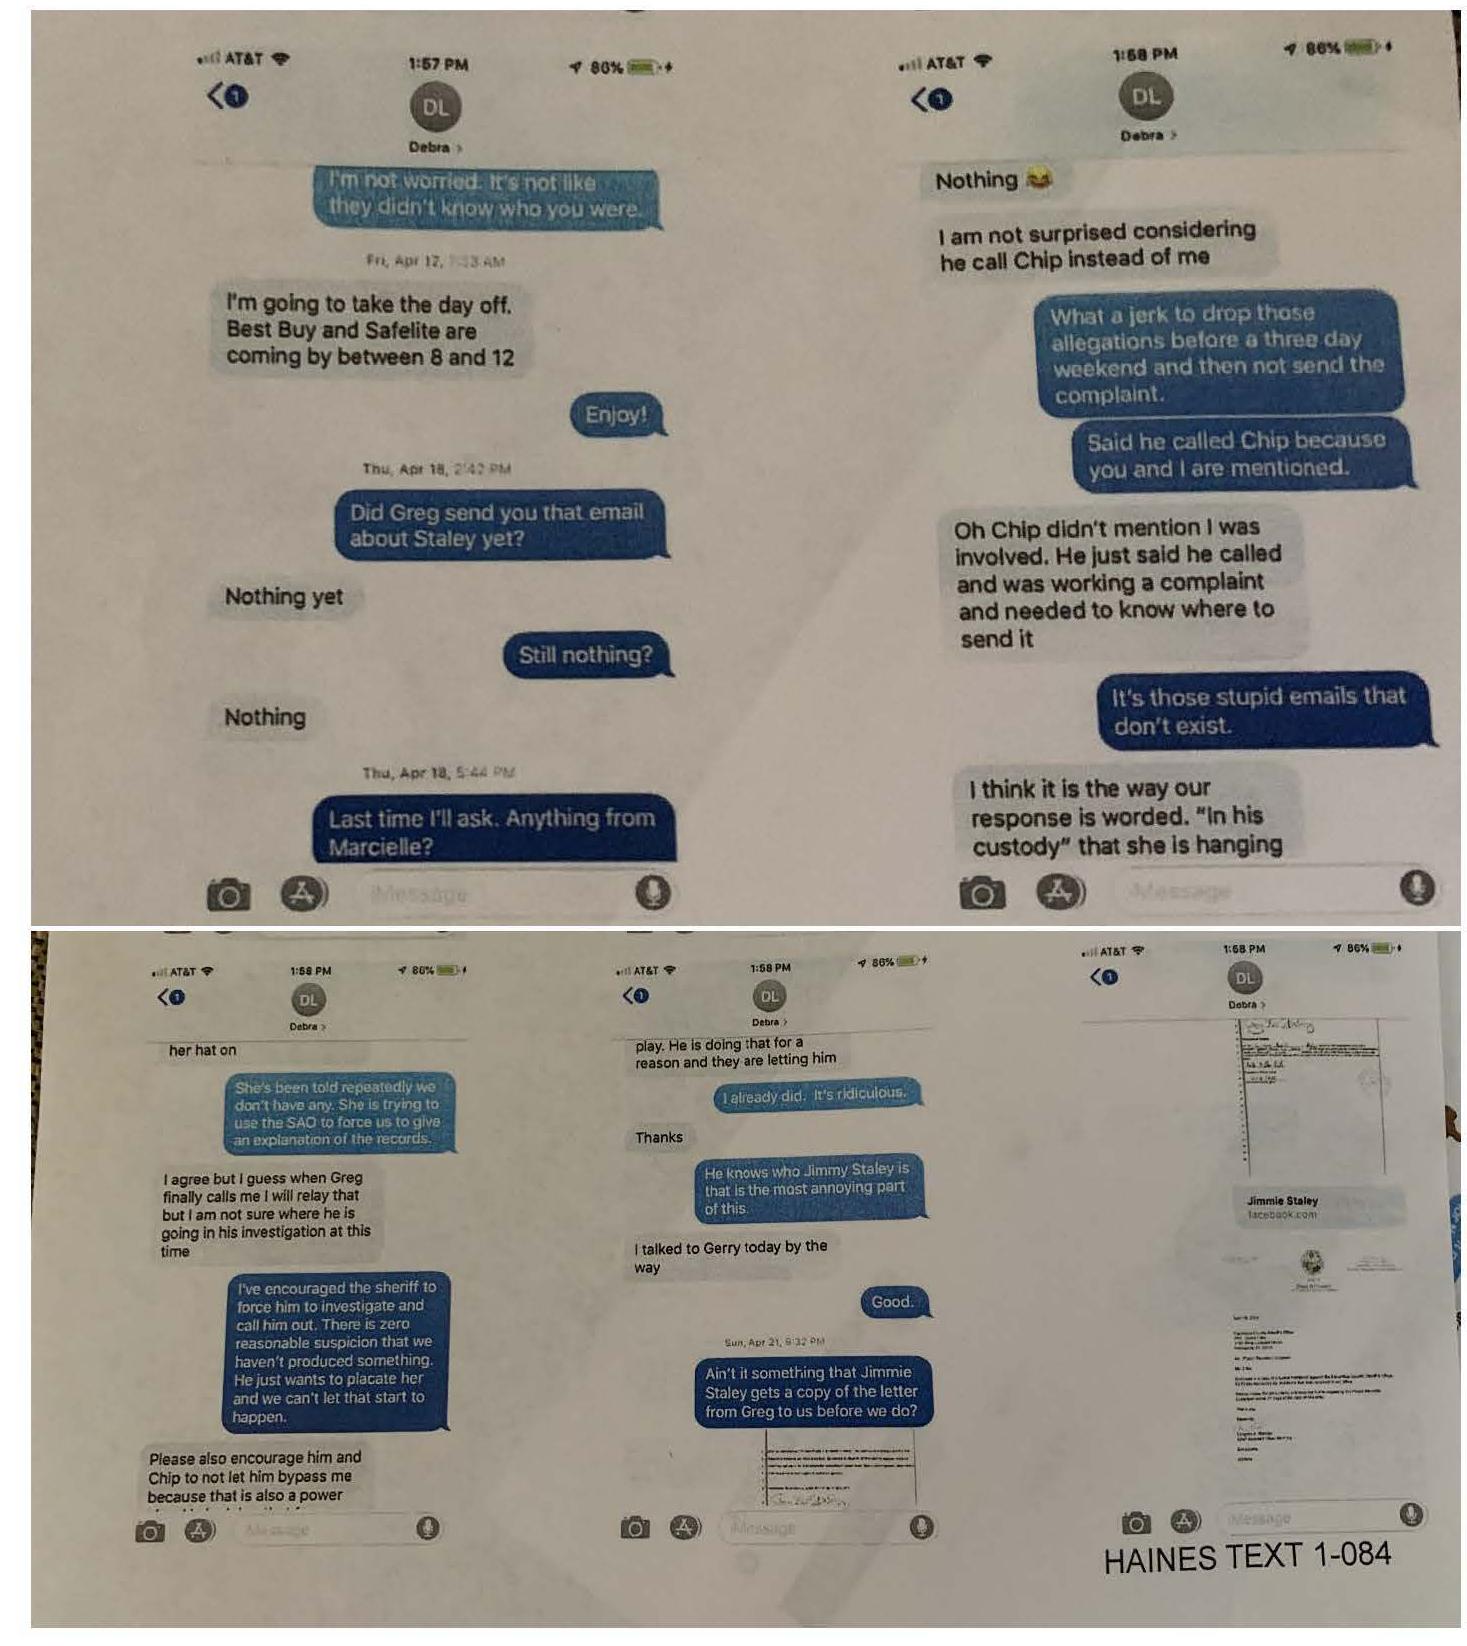 2019 timeline 2020 prr complaint_Page_3